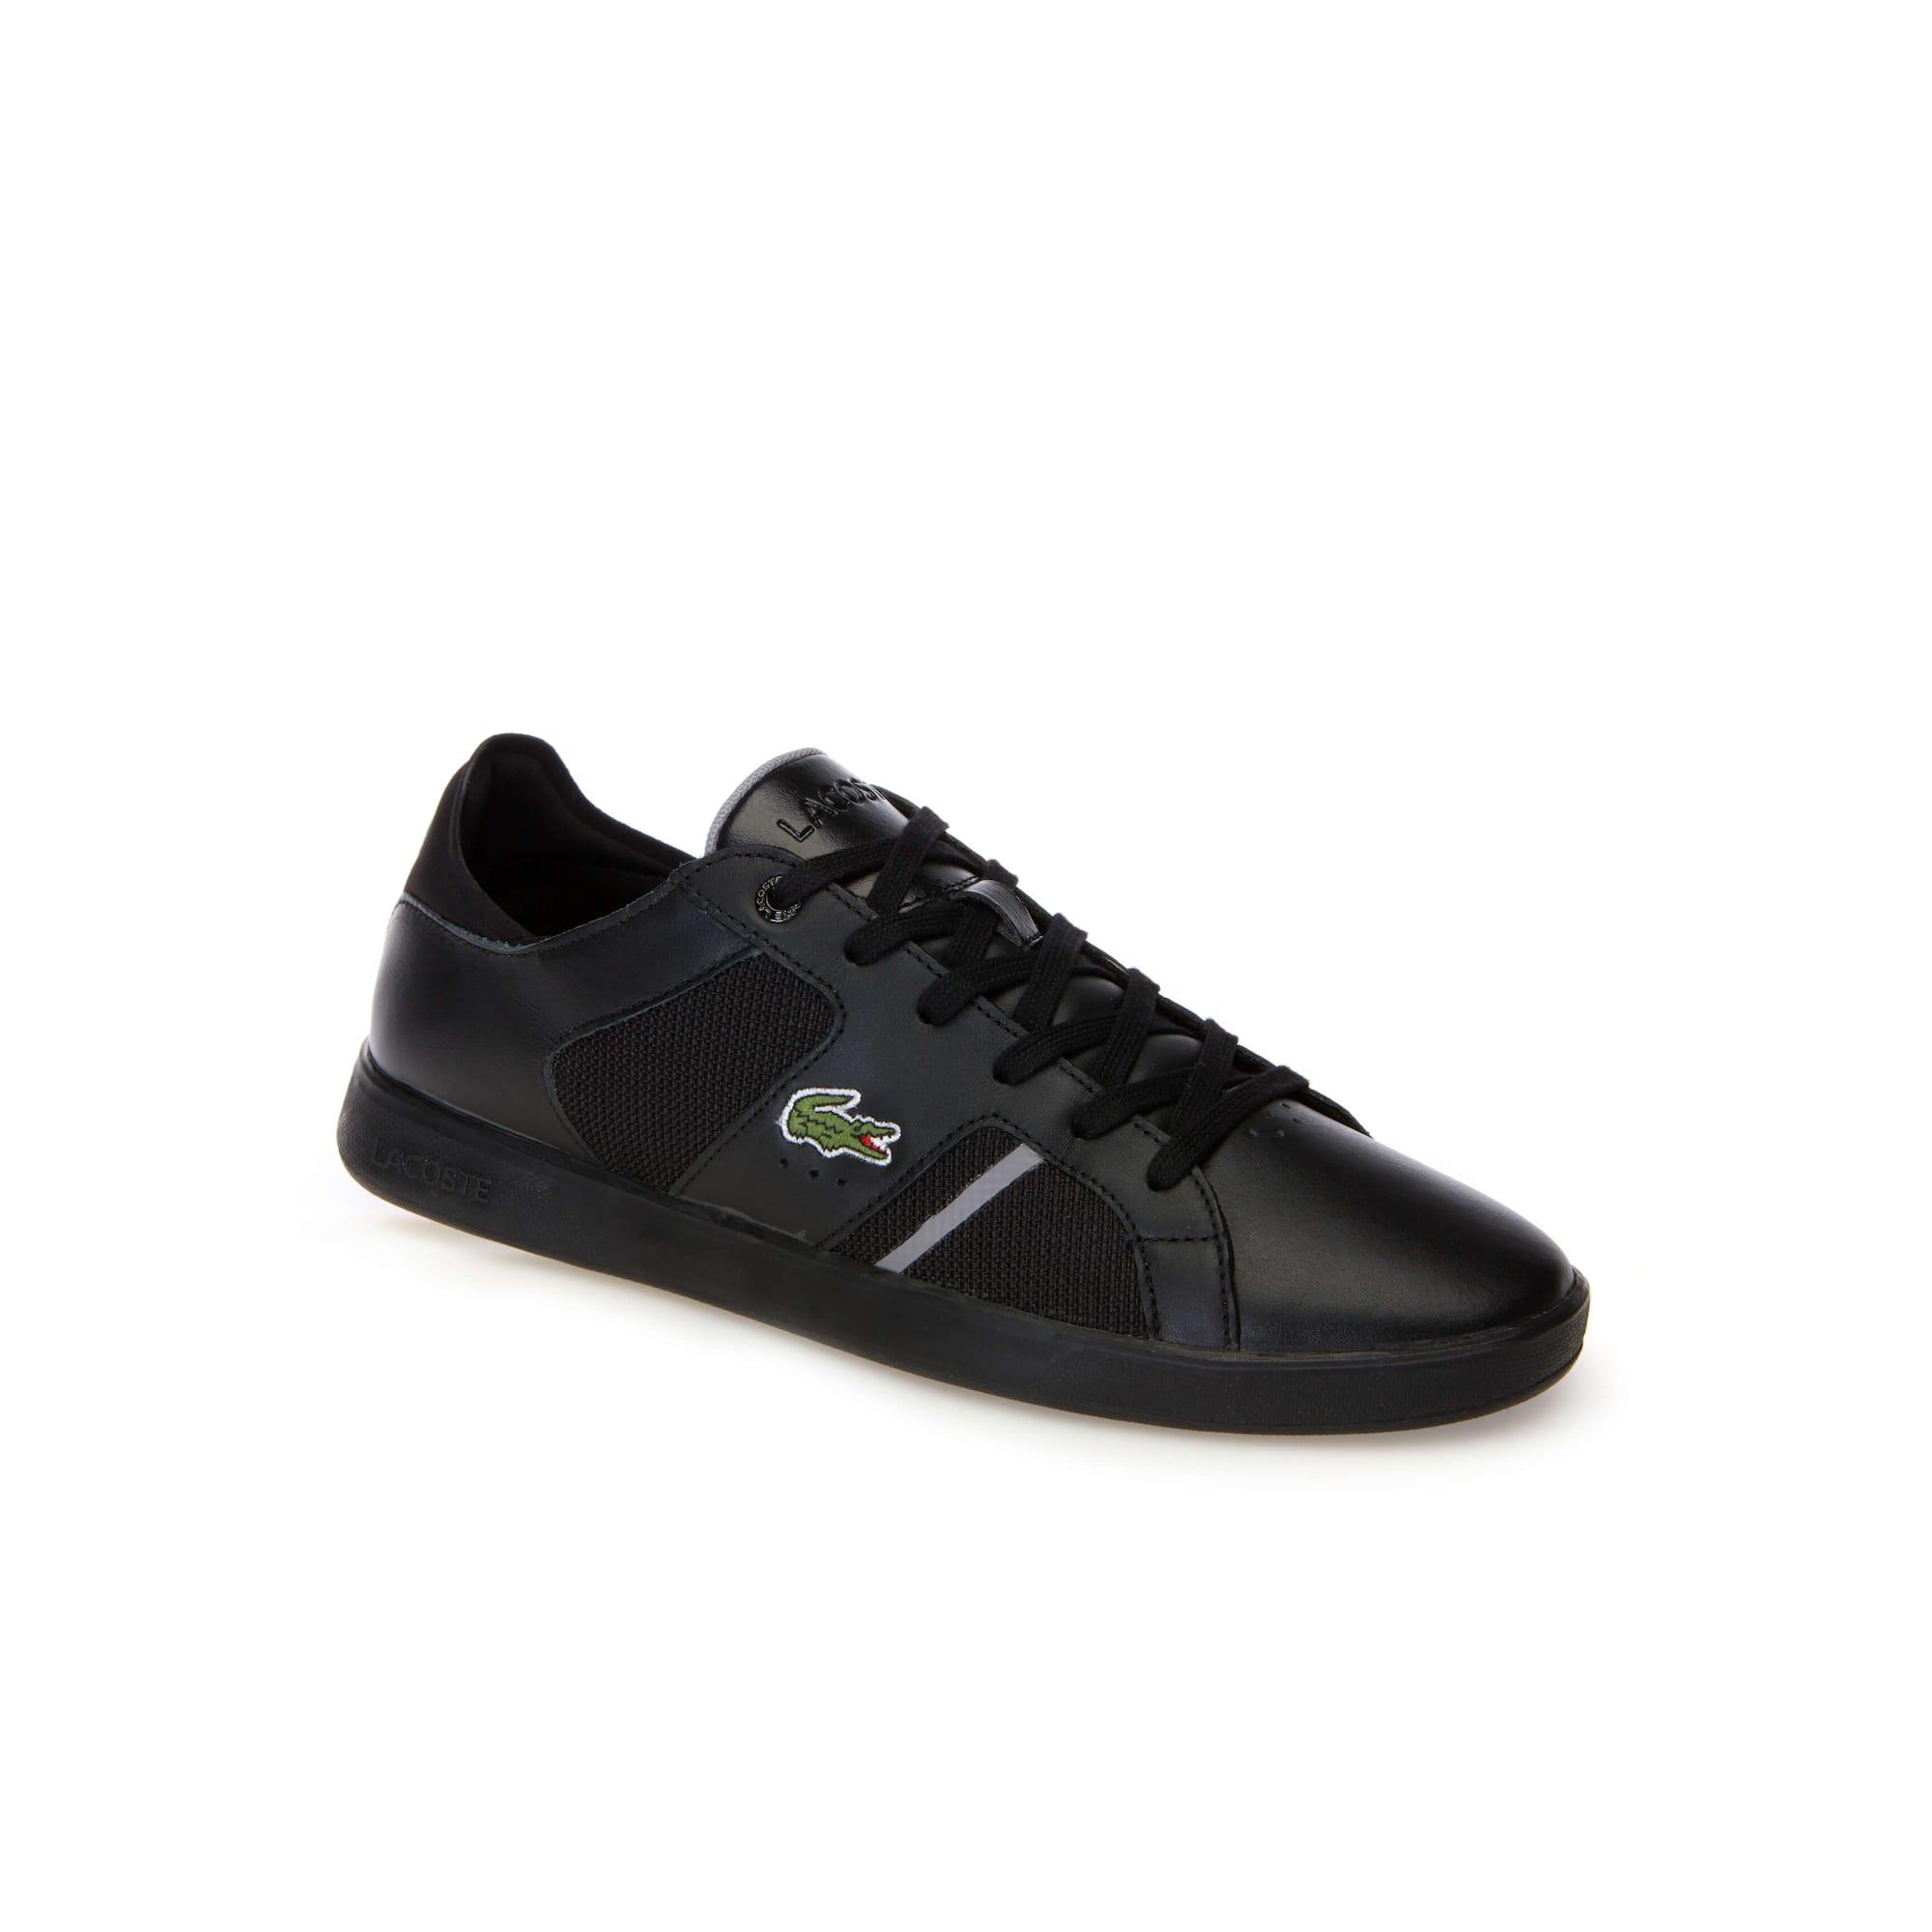 Herren Sneakers NOVAS aus Nappaleder und Mesh